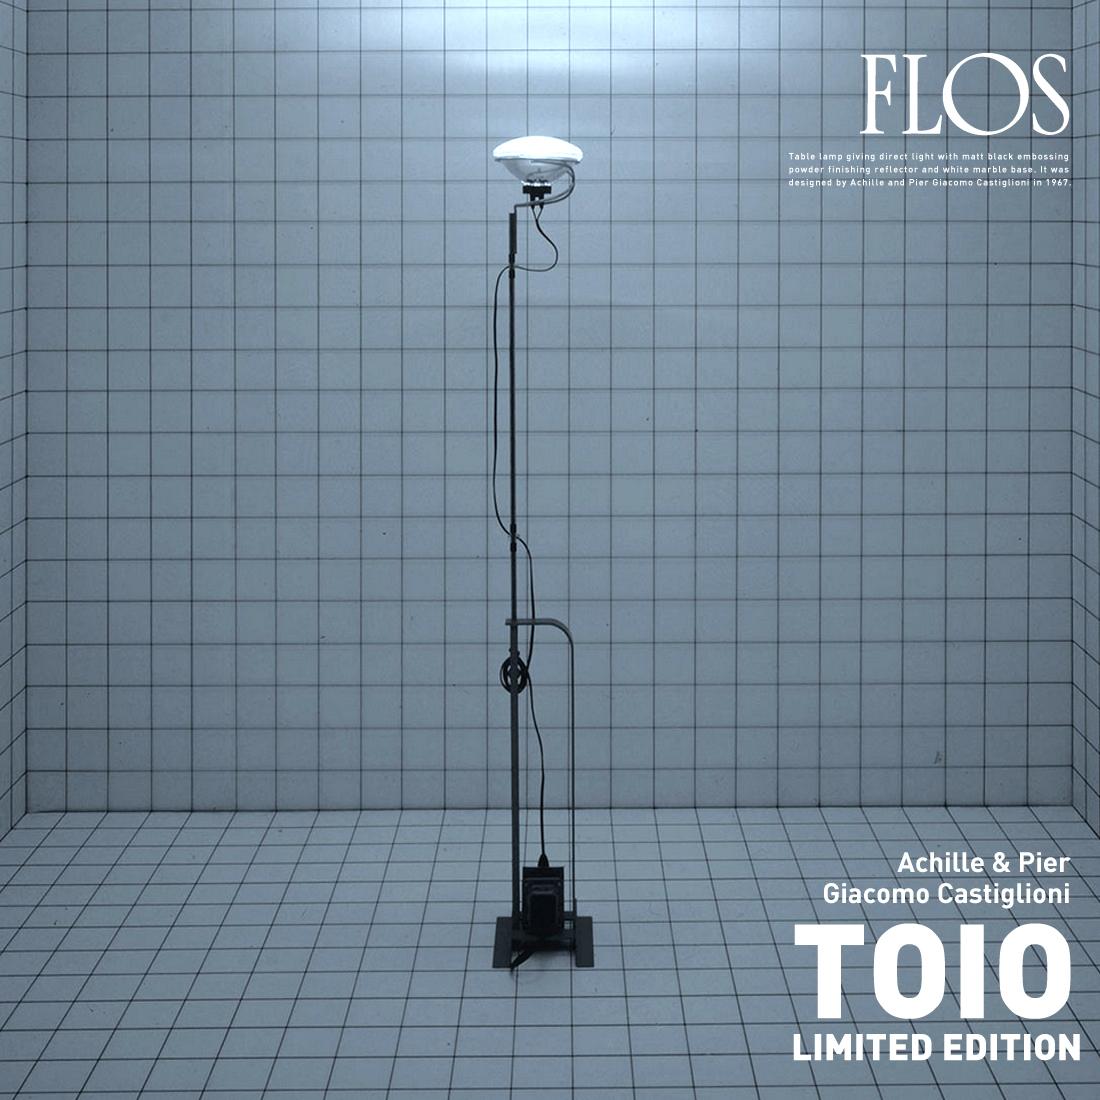 【代引き不可】FLOS Toio Limited Edition Matt Black フロアランプAchille & Pier Giacomo Castiglioni アキッレ・ジャコモ・カスティリオーニフロアランプ ライト スタンドライト